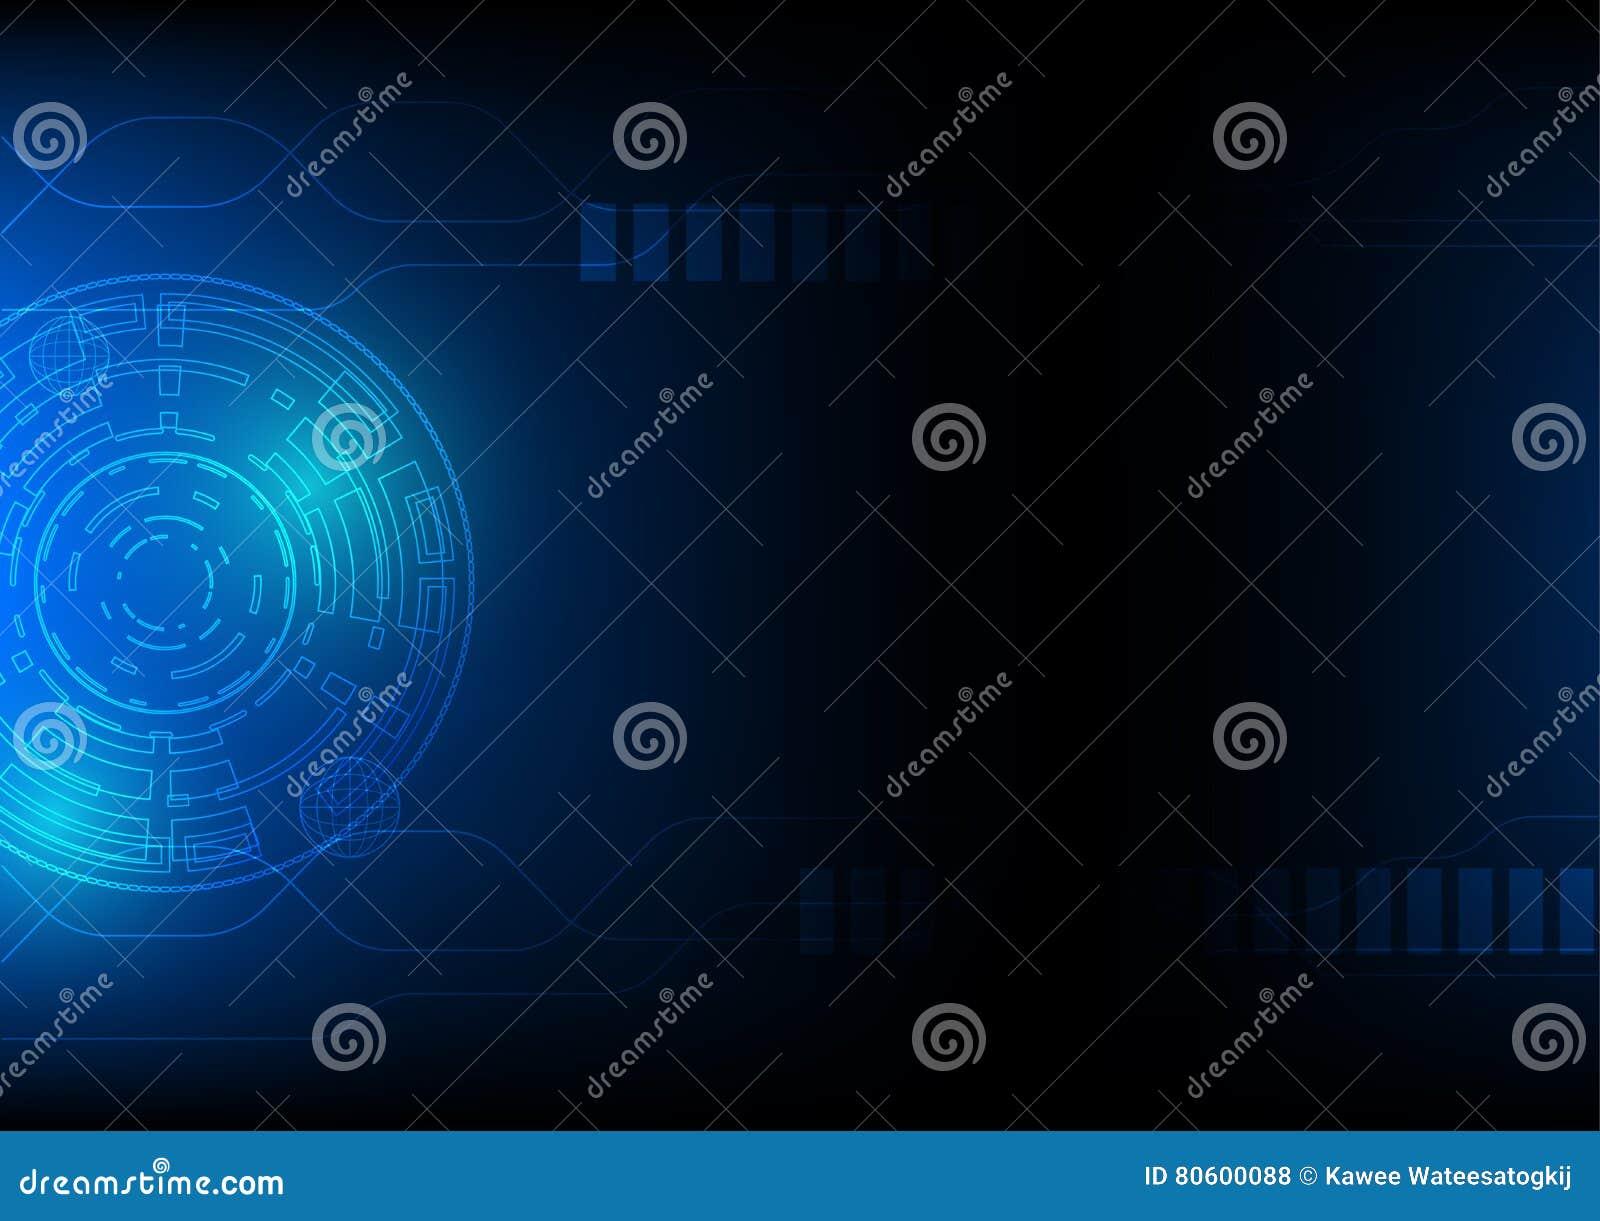 Αφηρημένο υπόβαθρο τεχνολογίας στο μπλε, έννοια θέματος κυβερνοχώρου της sci-Fi υψηλής τεχνολογίας, eps 10 που διευκρινίζεται